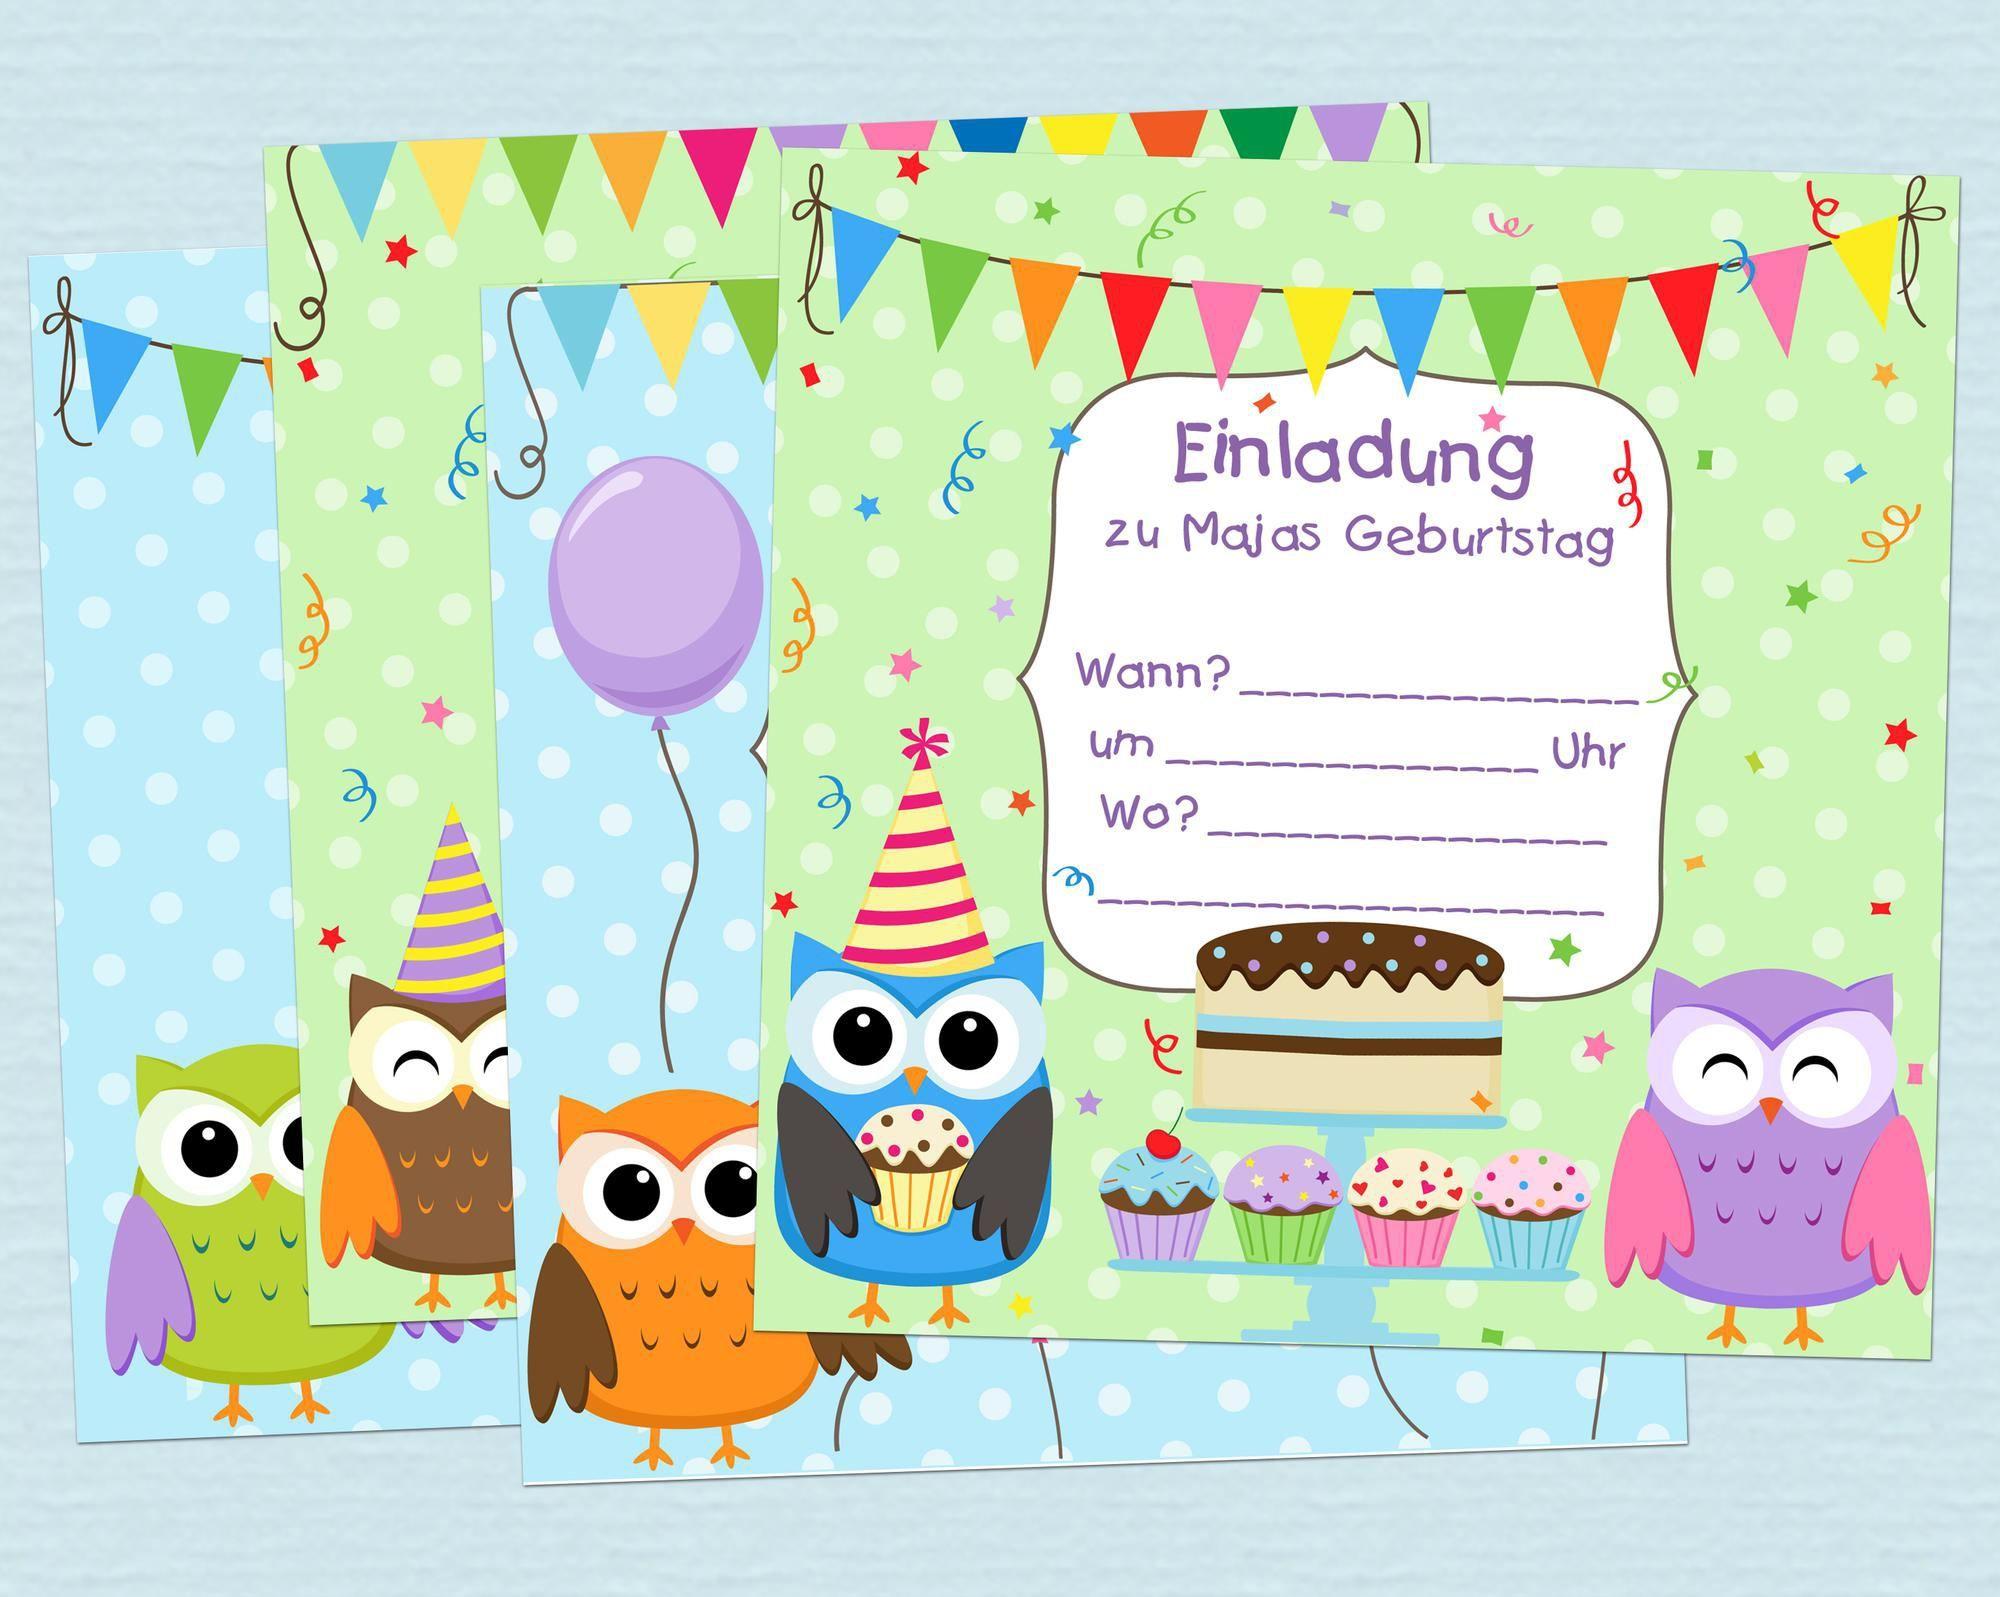 Großartig Einladungskarten Kindergeburtstag : Einladungskarten Kindergeburtstag  Selber Basteln Vorlagen   Kindergeburtstag Einladung   Kindergeburtstag  Einladung